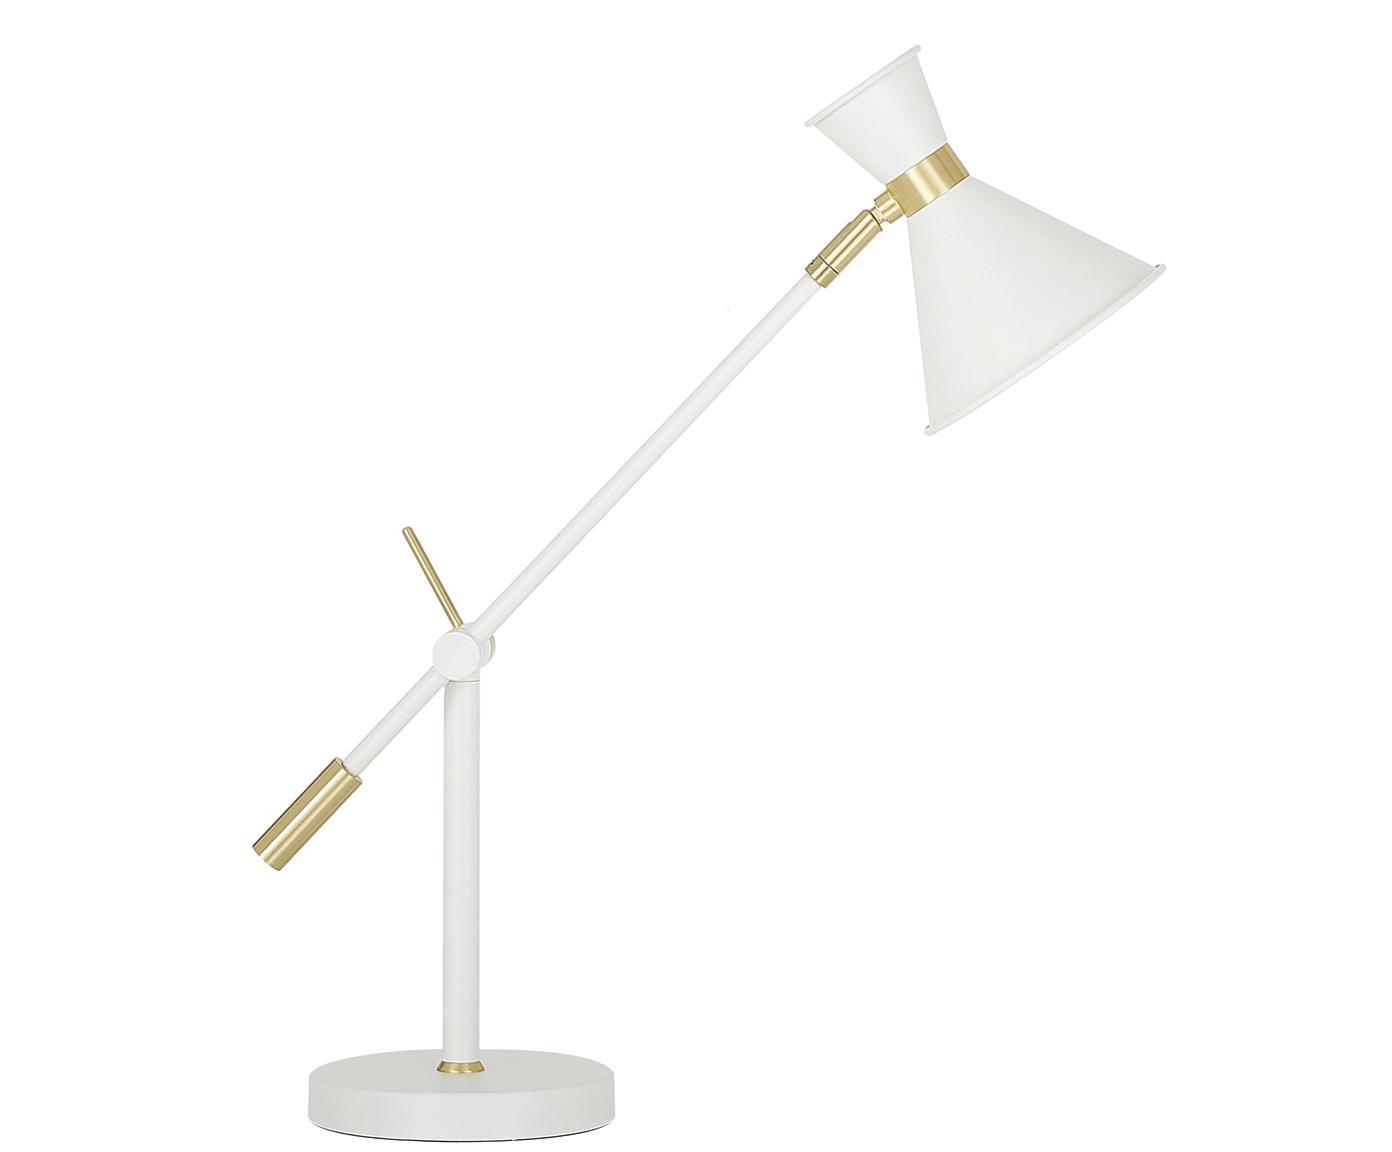 Schreibtischlampe Audrey mit Gold-Dekor, Lampenschirm: Metall, pulverbeschichtet, Lampenfuß: Metall, pulverbeschichtet, Mattweiß, ∅ 15 x H 68 cm